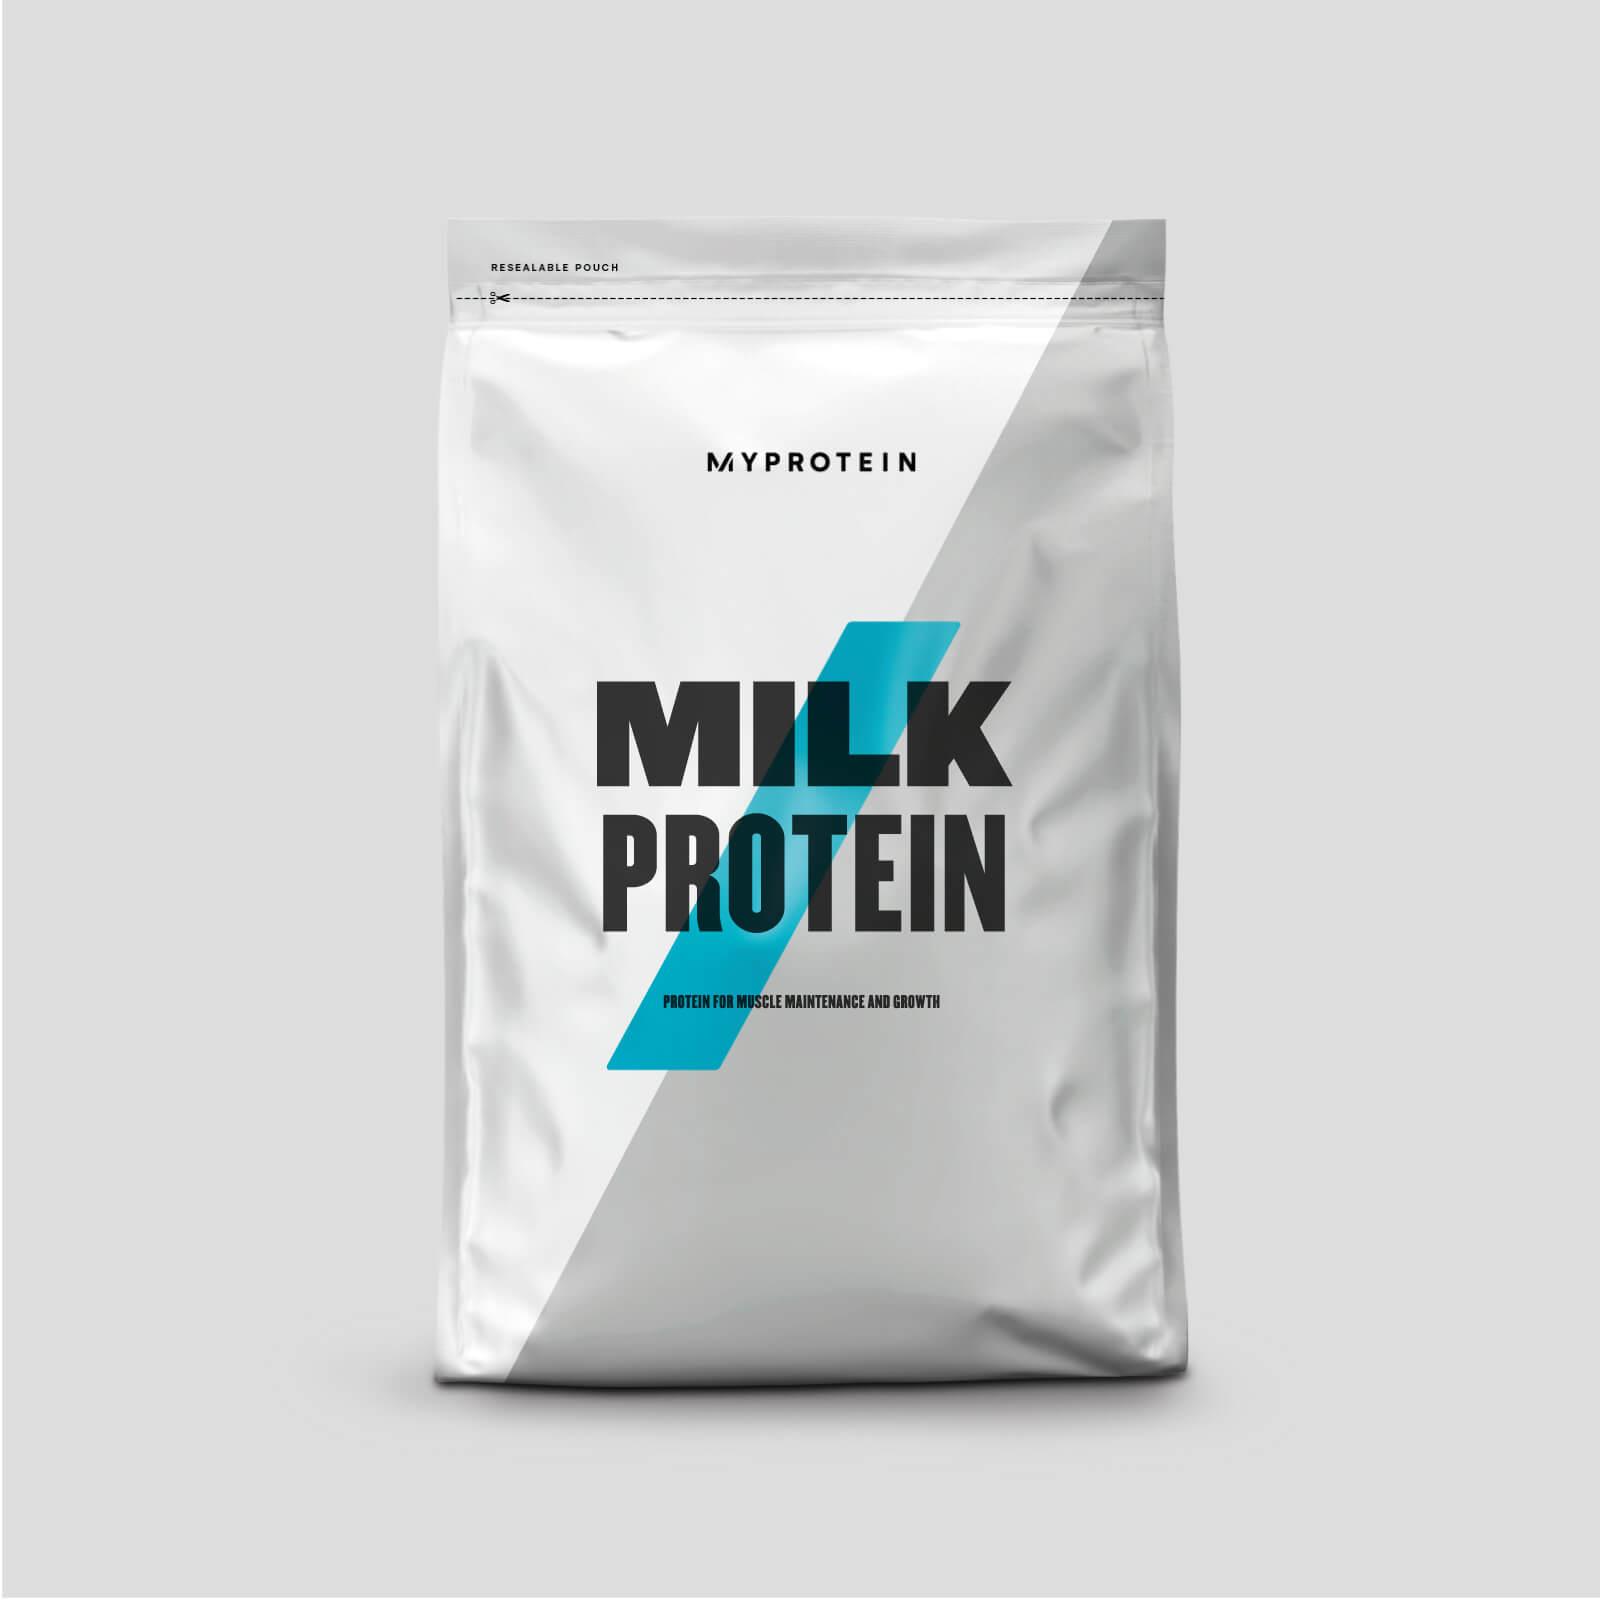 Myprotein Protéine de lait onctueuse - 2.5kg - Chocolat Onctueux